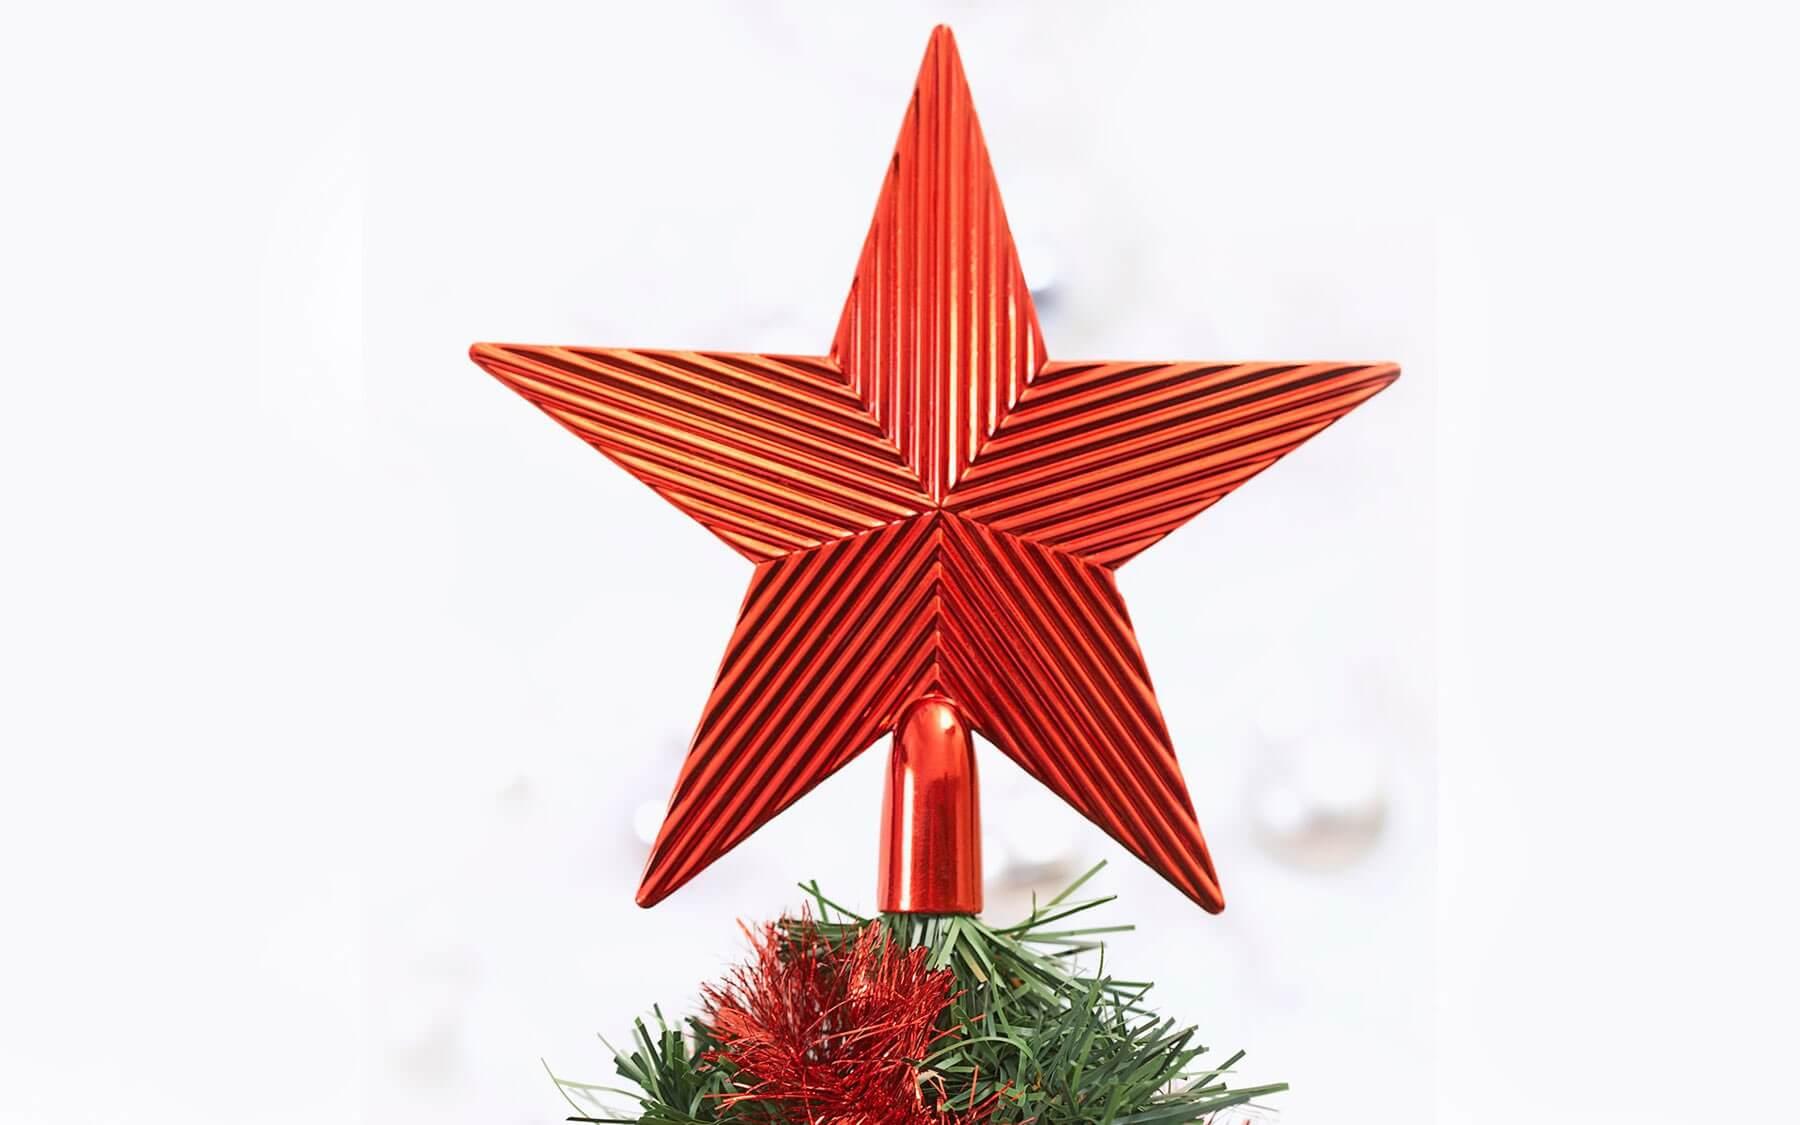 Жизнь елочной игрушки в советском союзе. Звезда.